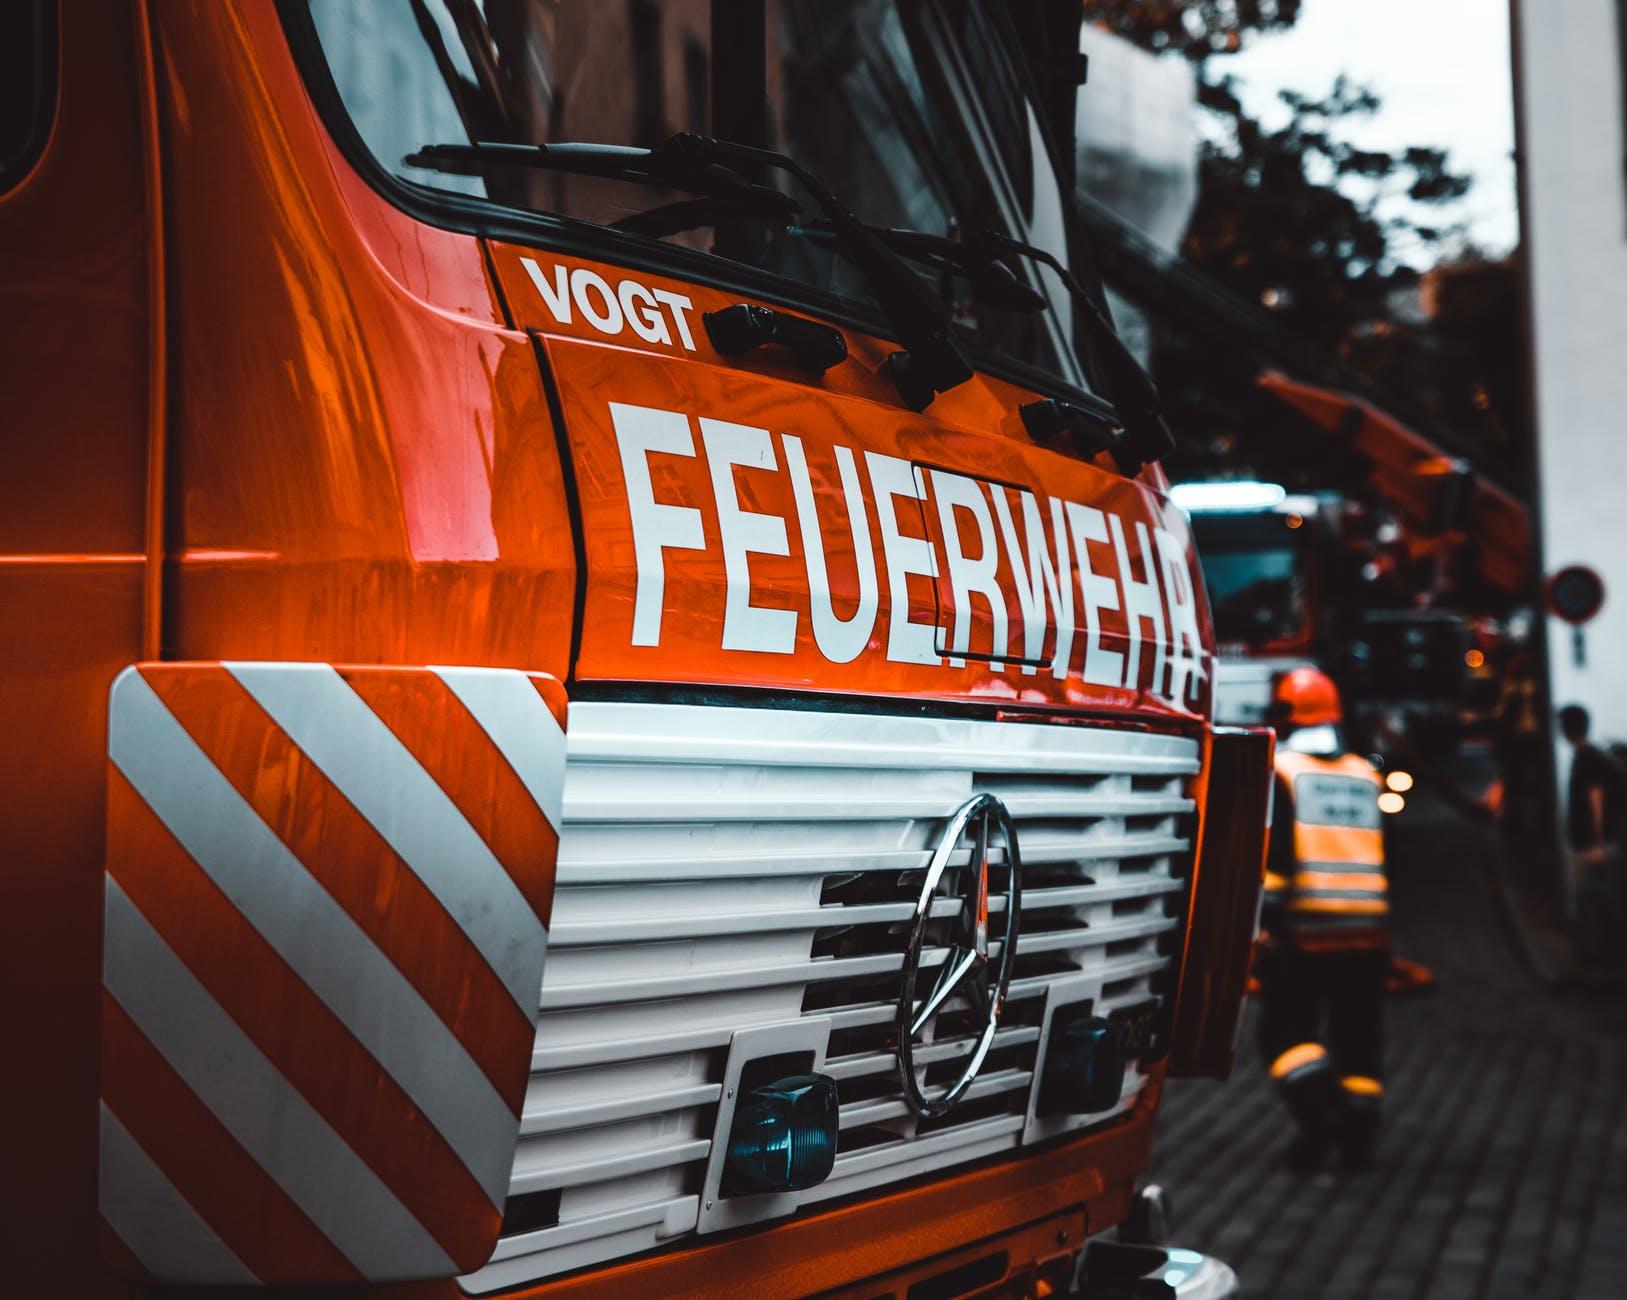 red mercedes benz firetruck